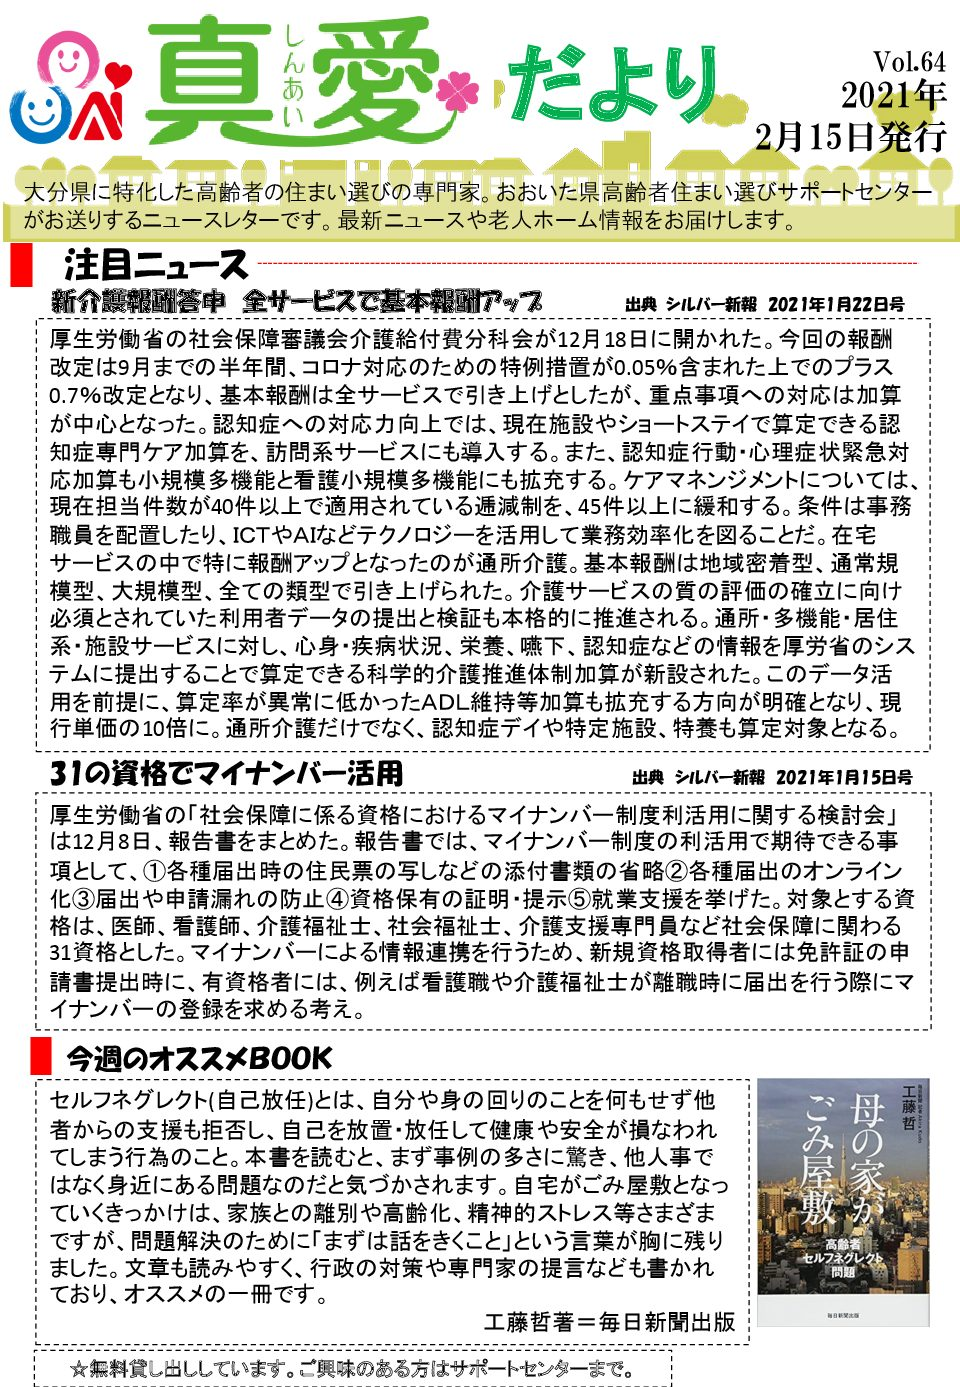 真愛だより【Vol.64】2021.2.15 発行